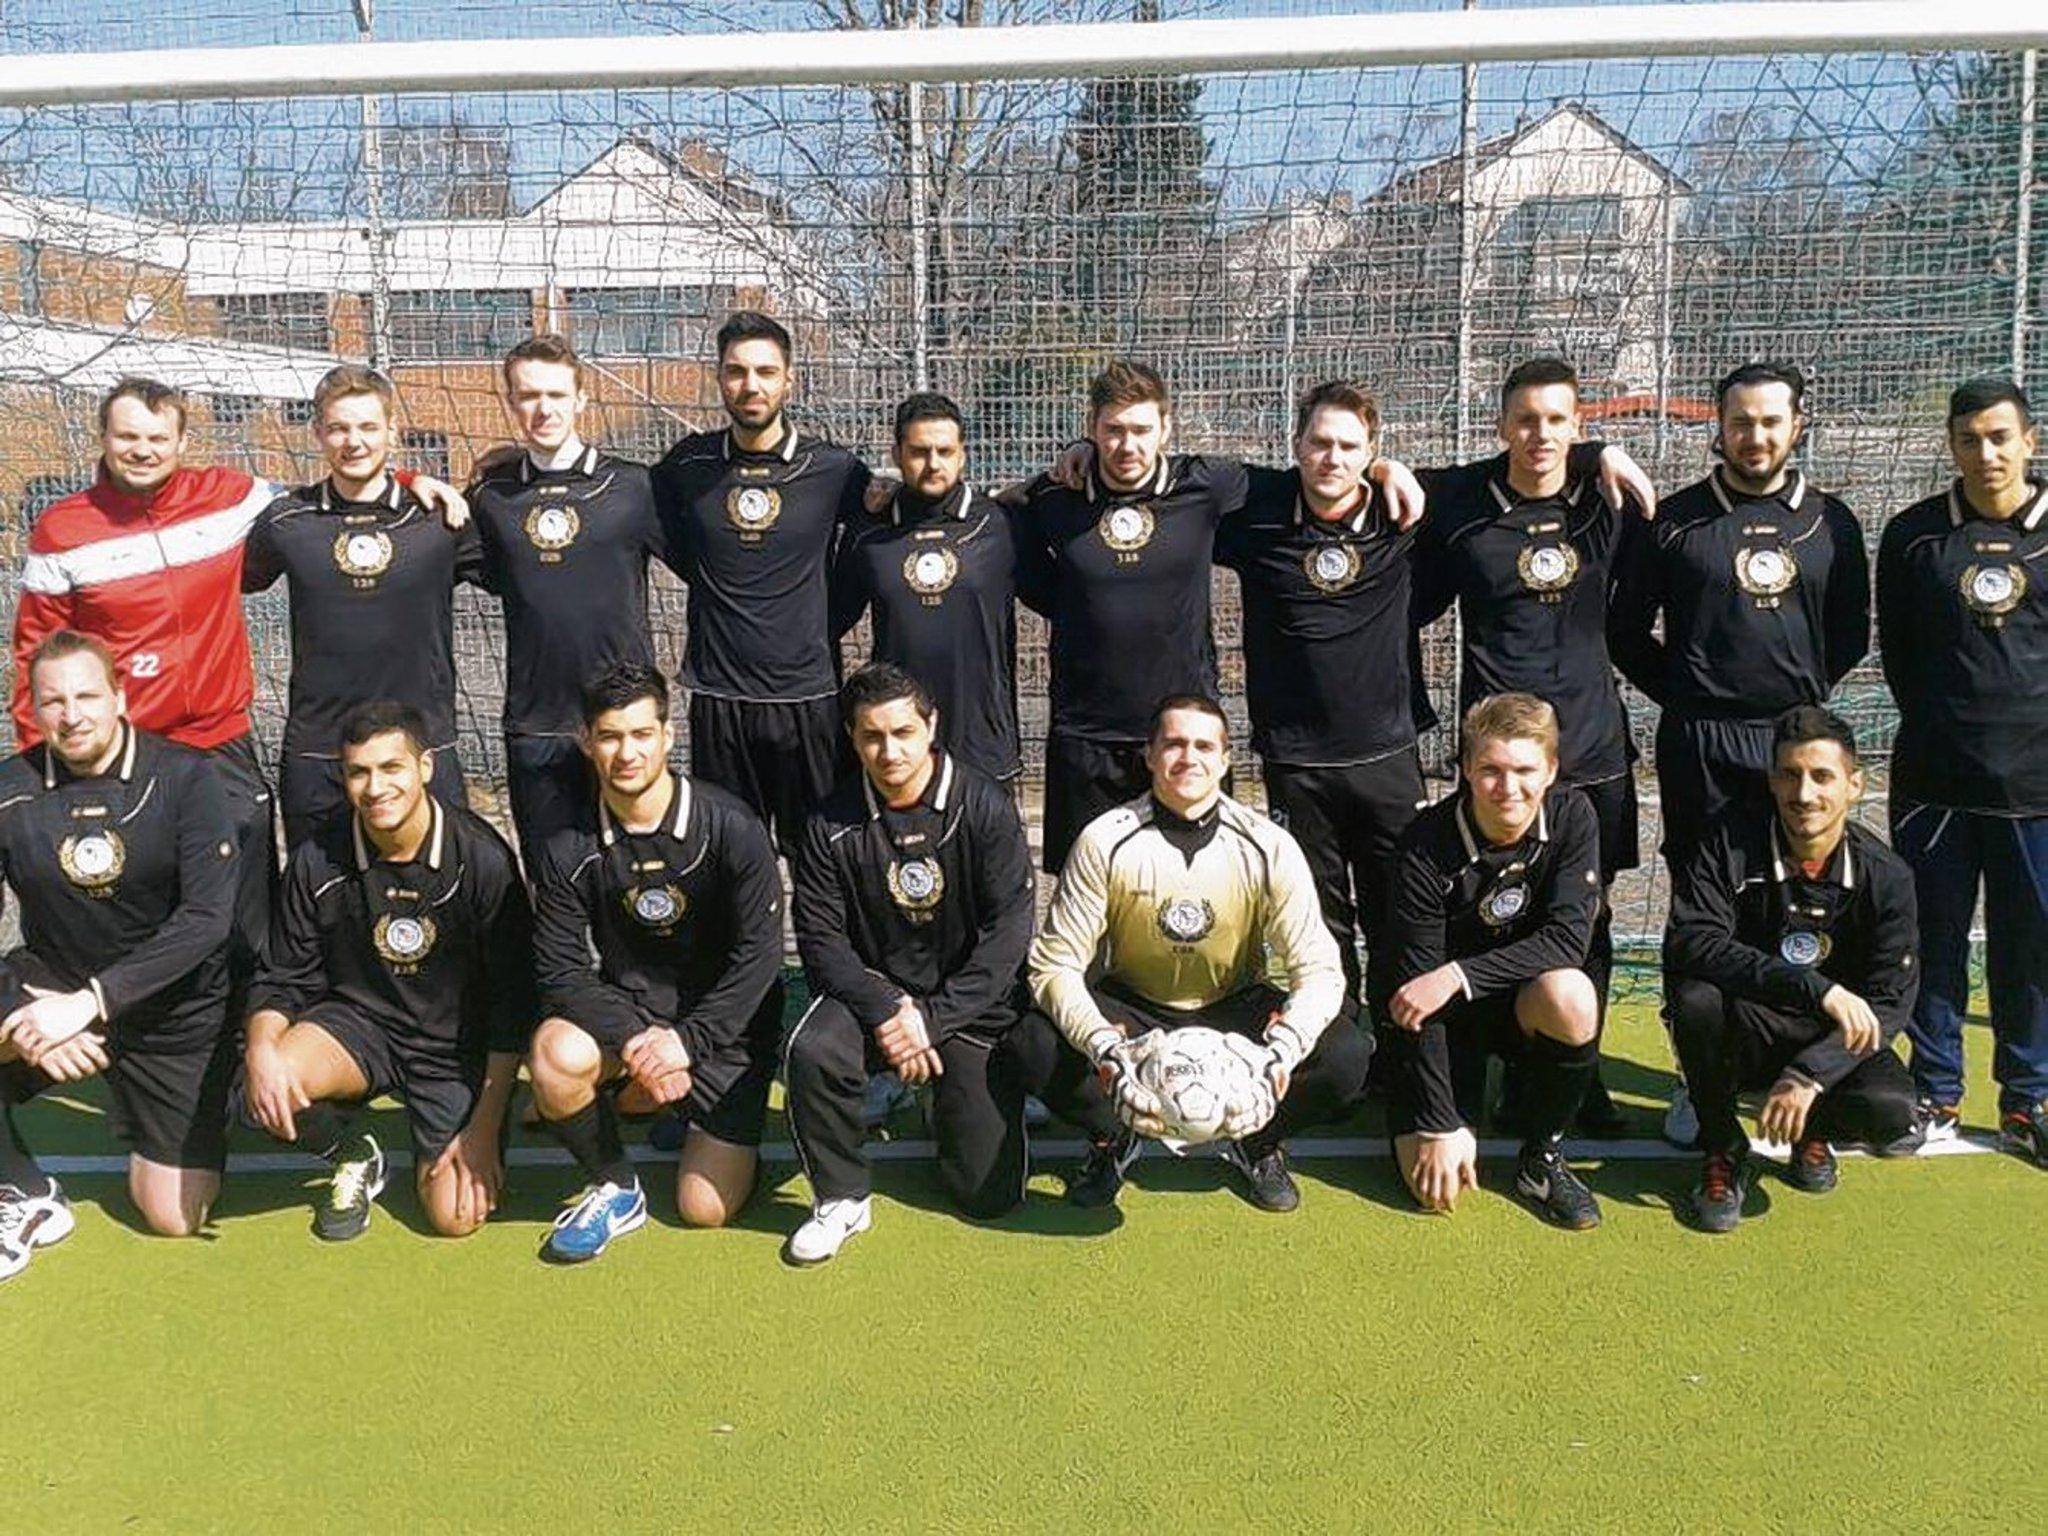 erster fußballverein deutschlands